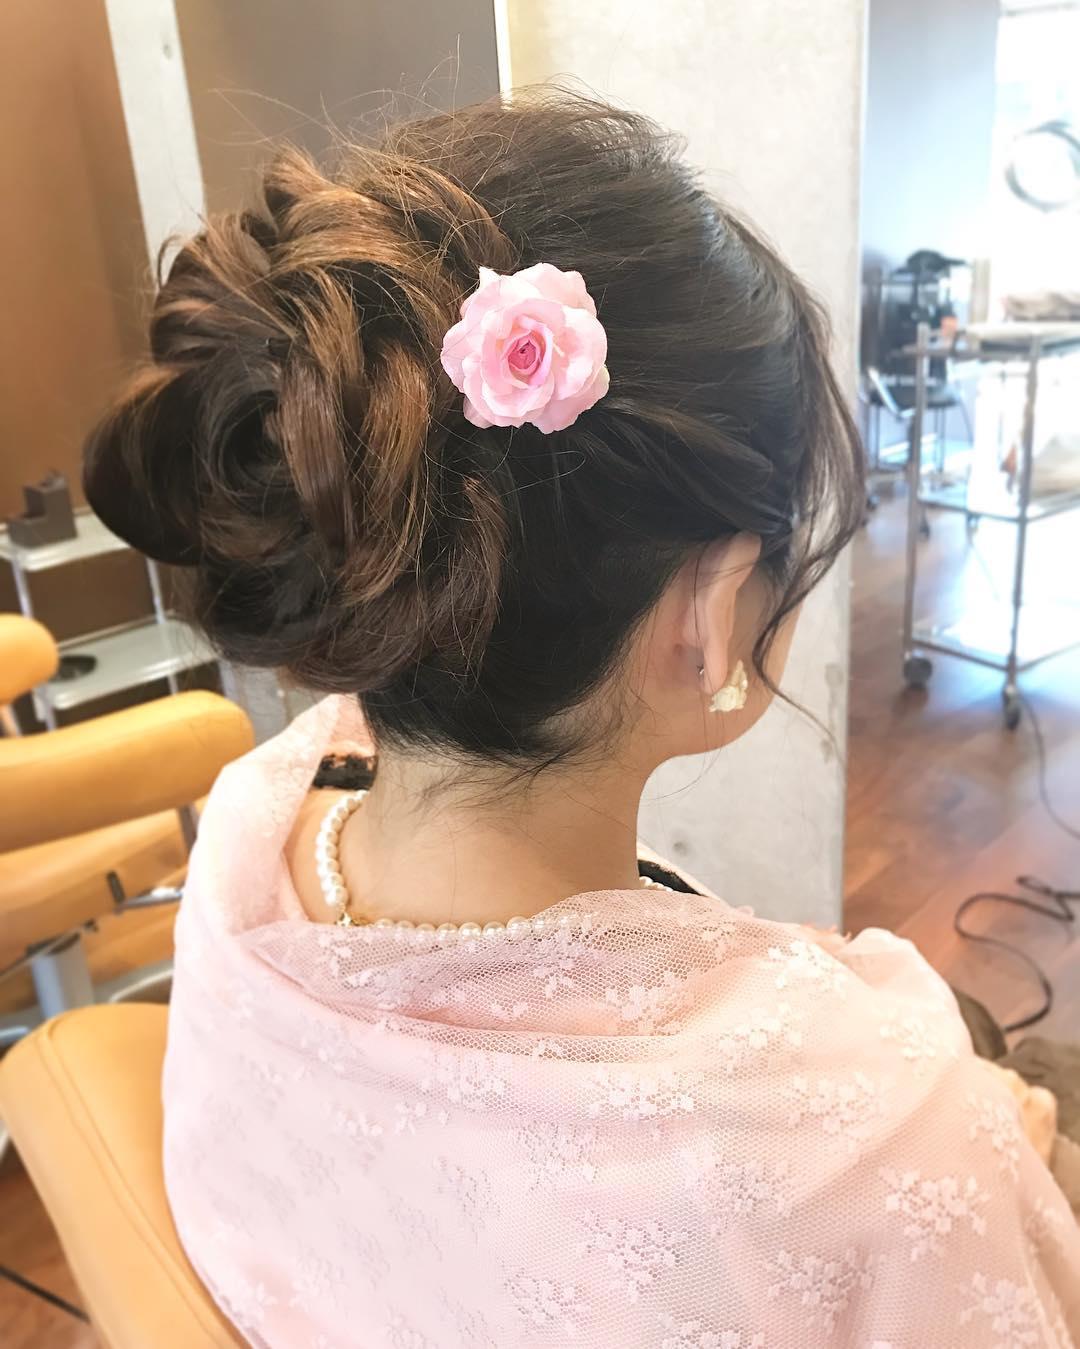 ヘアアクセ要らず!自分の髪で作る特別なスタイル☆3